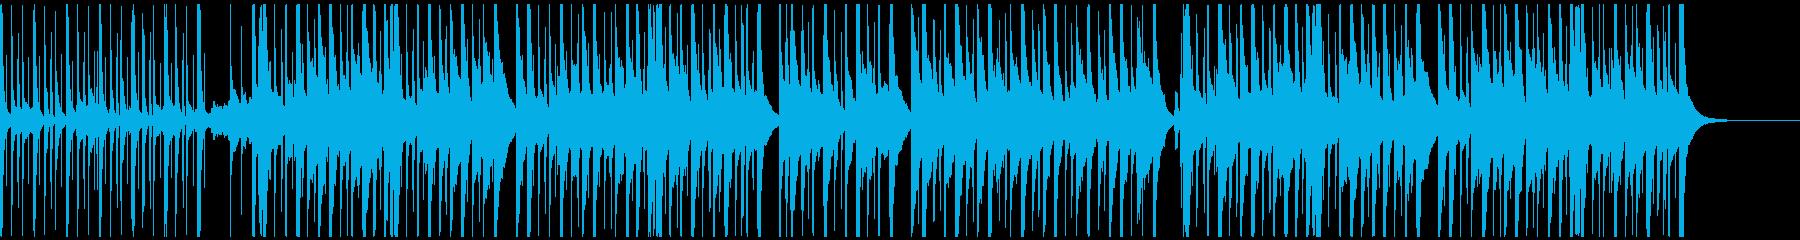 夜に屋根裏を彷徨う不気味な存在のBGMの再生済みの波形